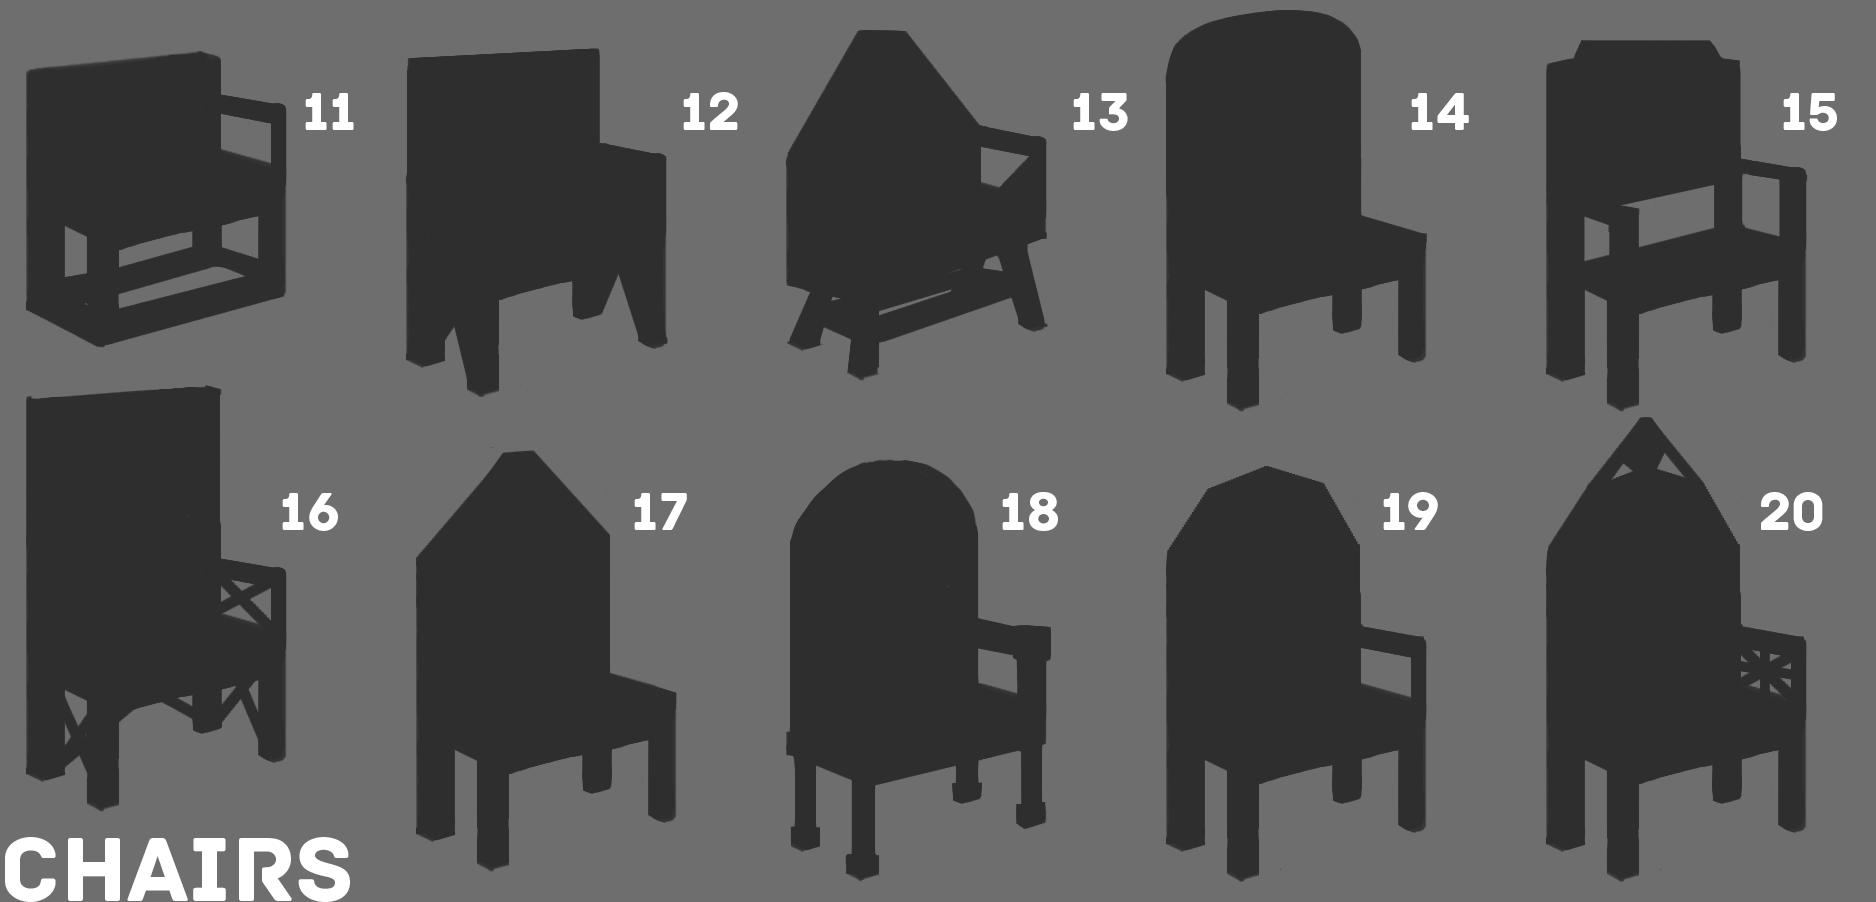 7b RD1 Chairs Thumbnails V2